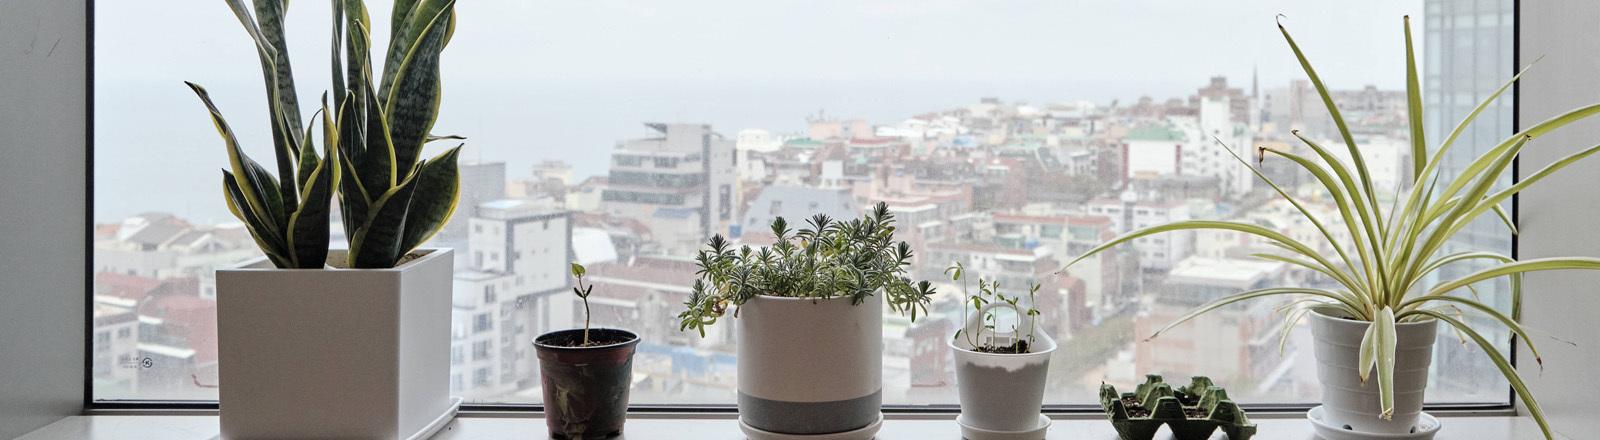 Topfpflanzen auf einem Fenstersims